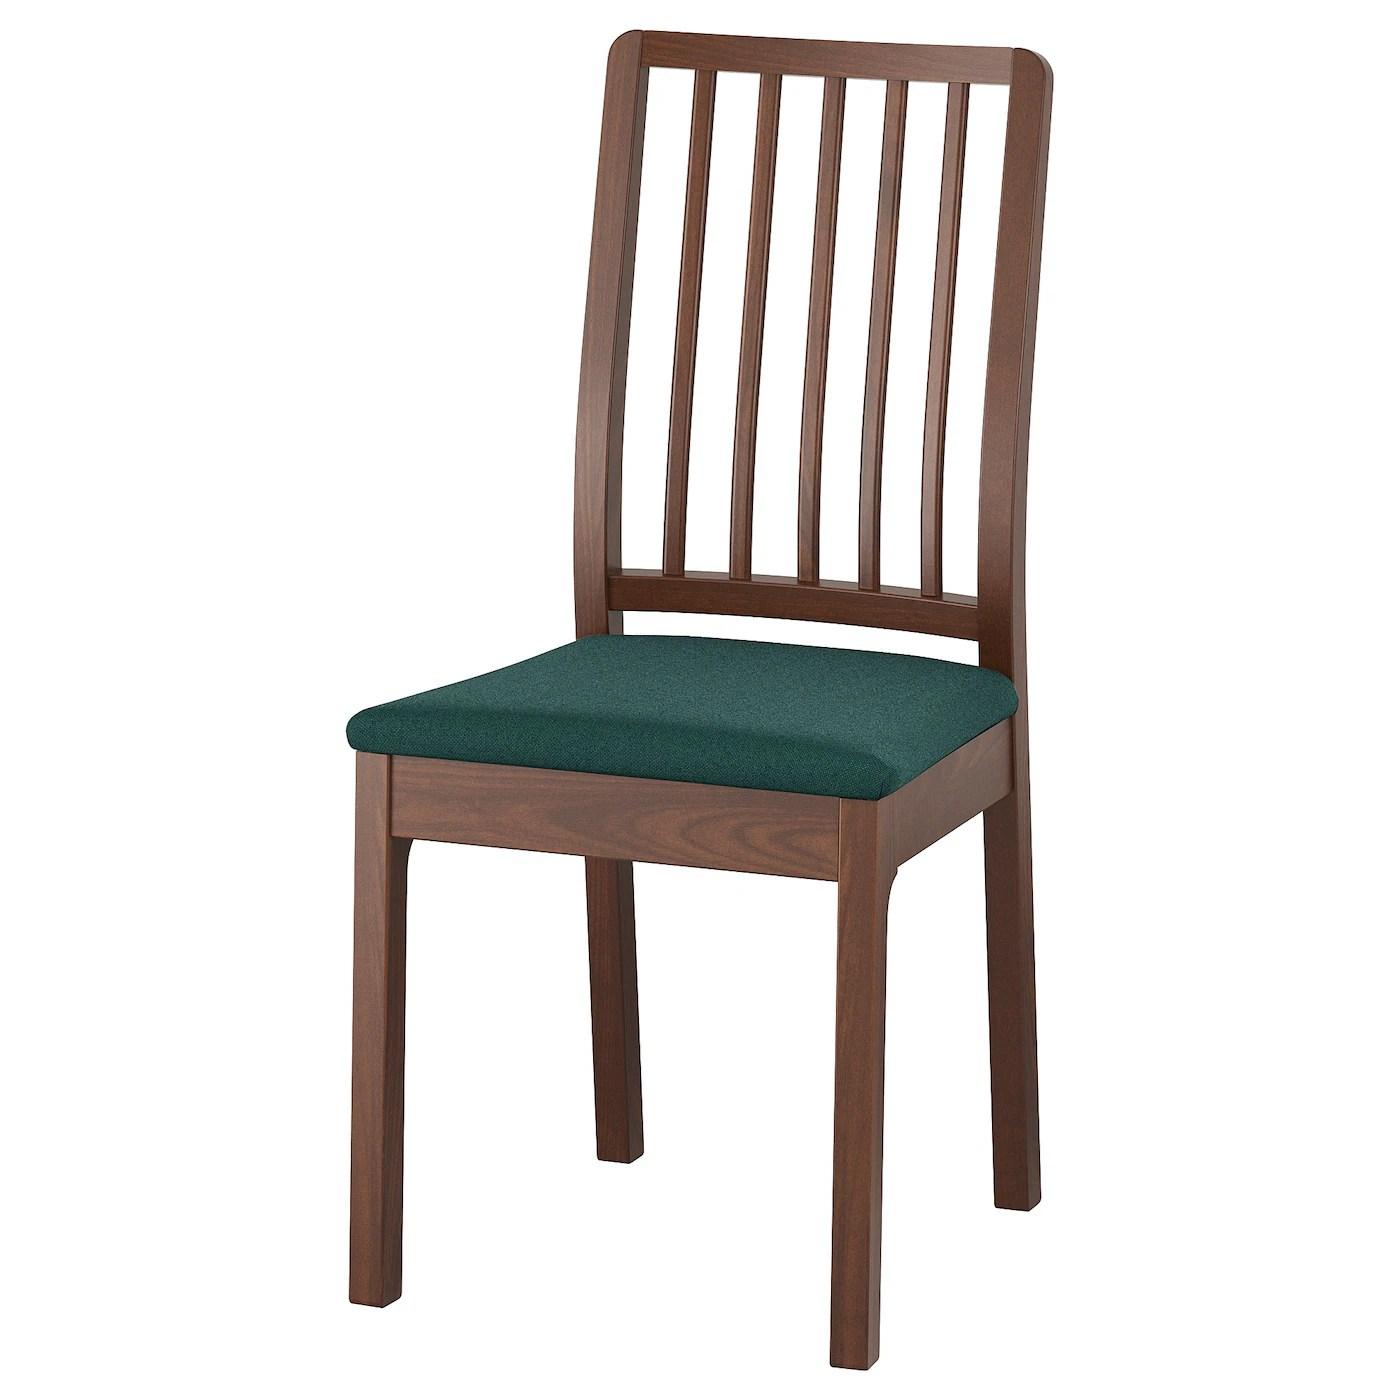 light green chair covers church banquet chairs ekedalen brown gunnared dark ikea